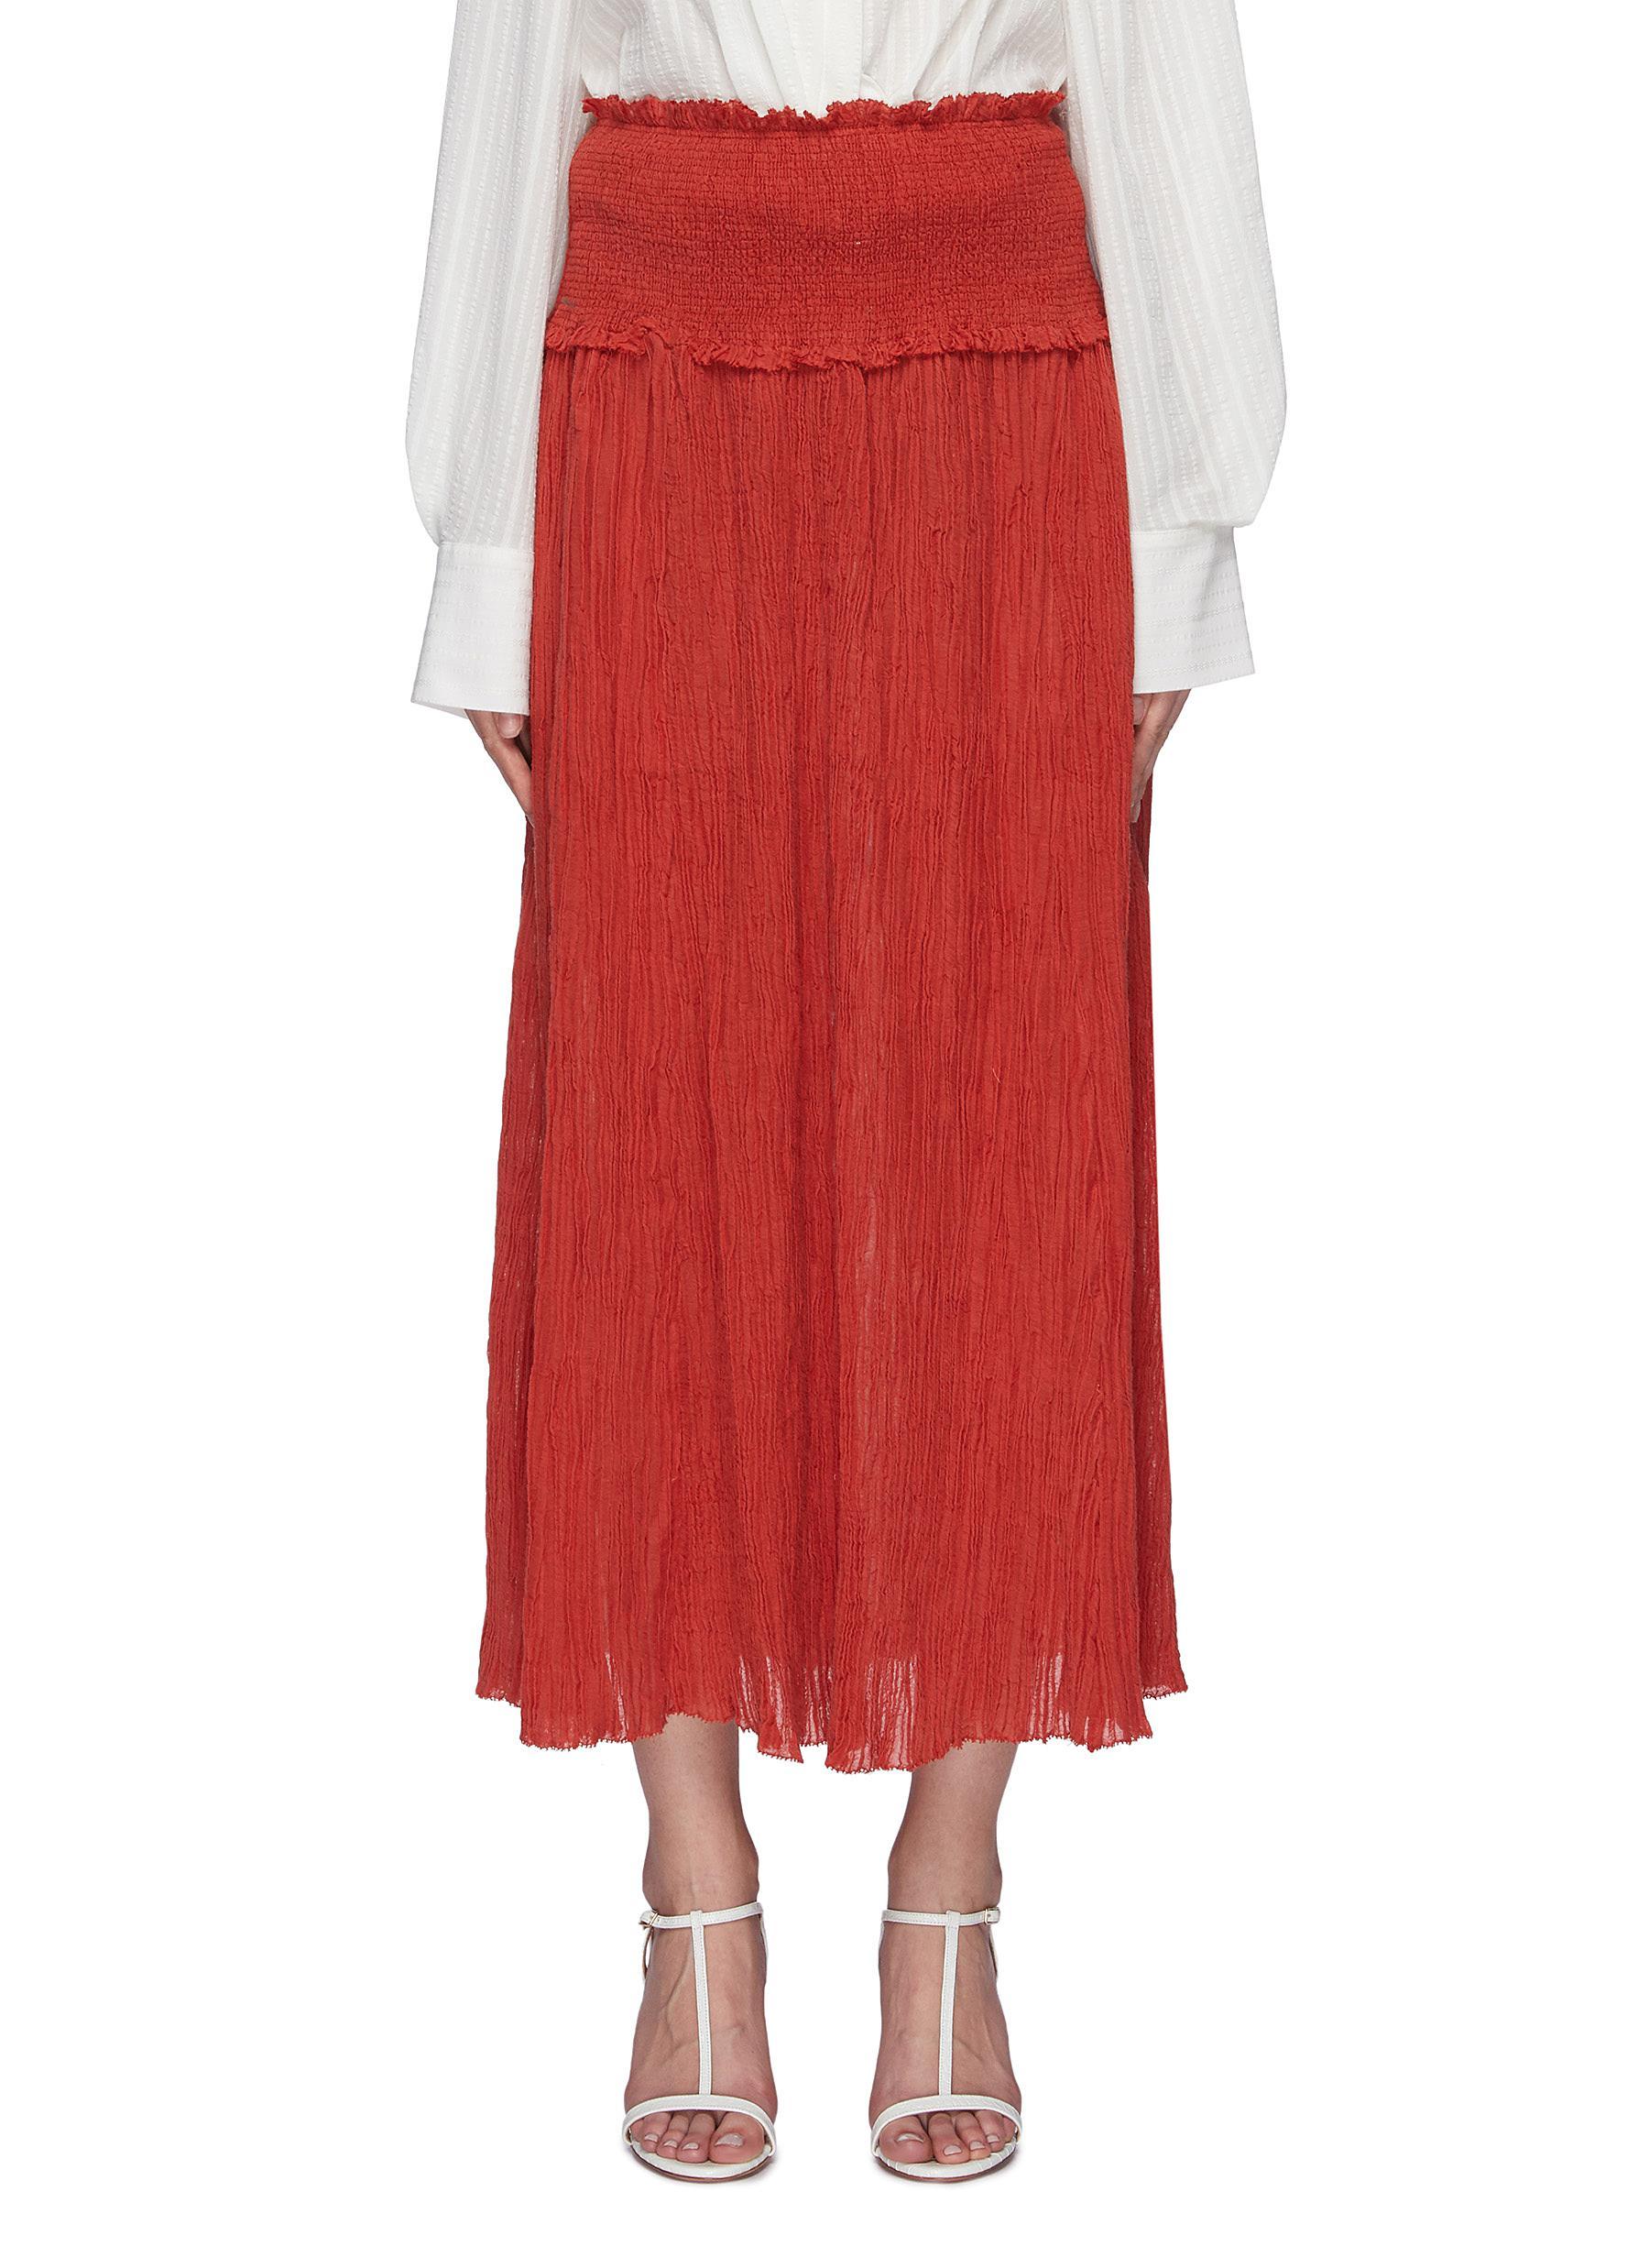 Veneto smocked crinkled midi skirt by Zimmermann